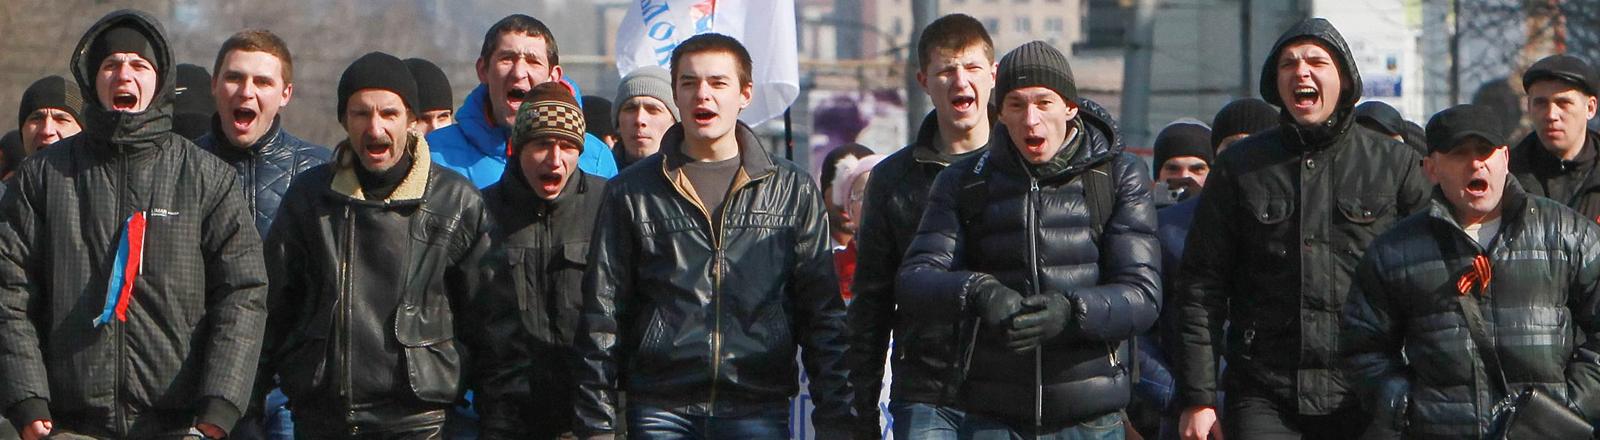 Am 09.03.2014 marschieren in der Krim pro-russische Demonstranten auf der Straße.